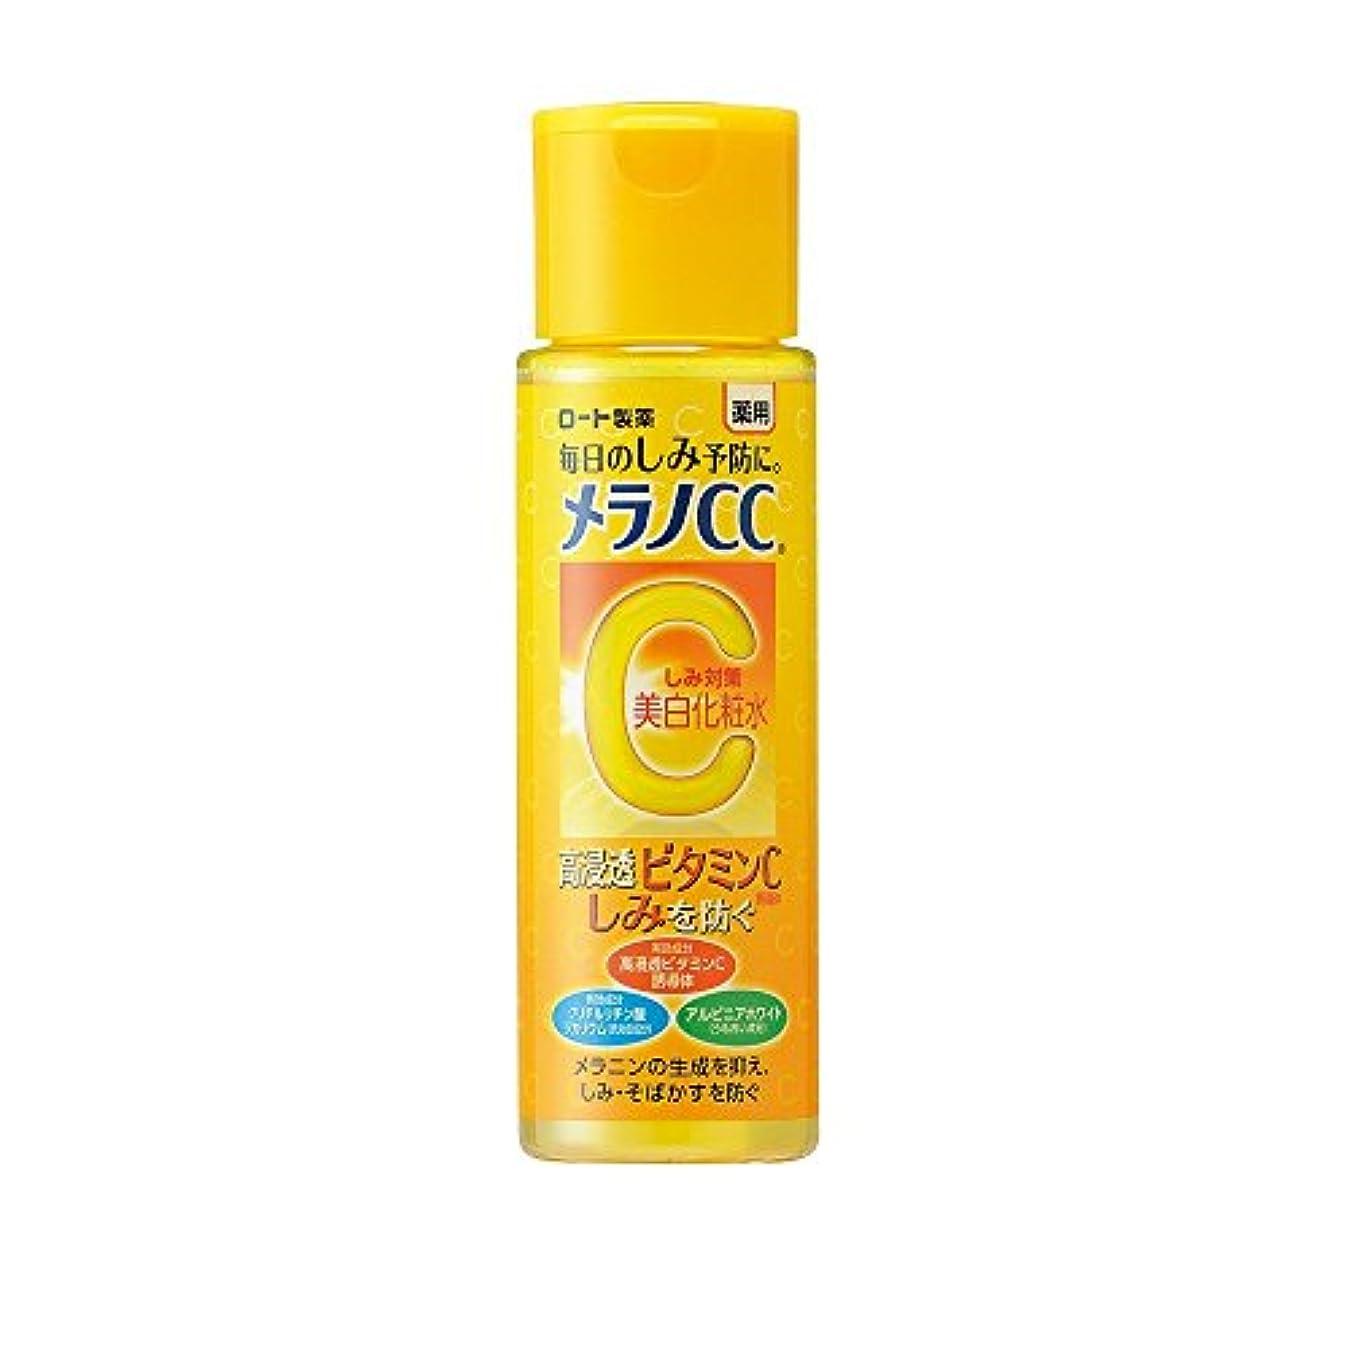 少しマウントバンク兄【医薬部外品】メラノCC 薬用しみ?そばかす対策 美白 化粧水 170mL